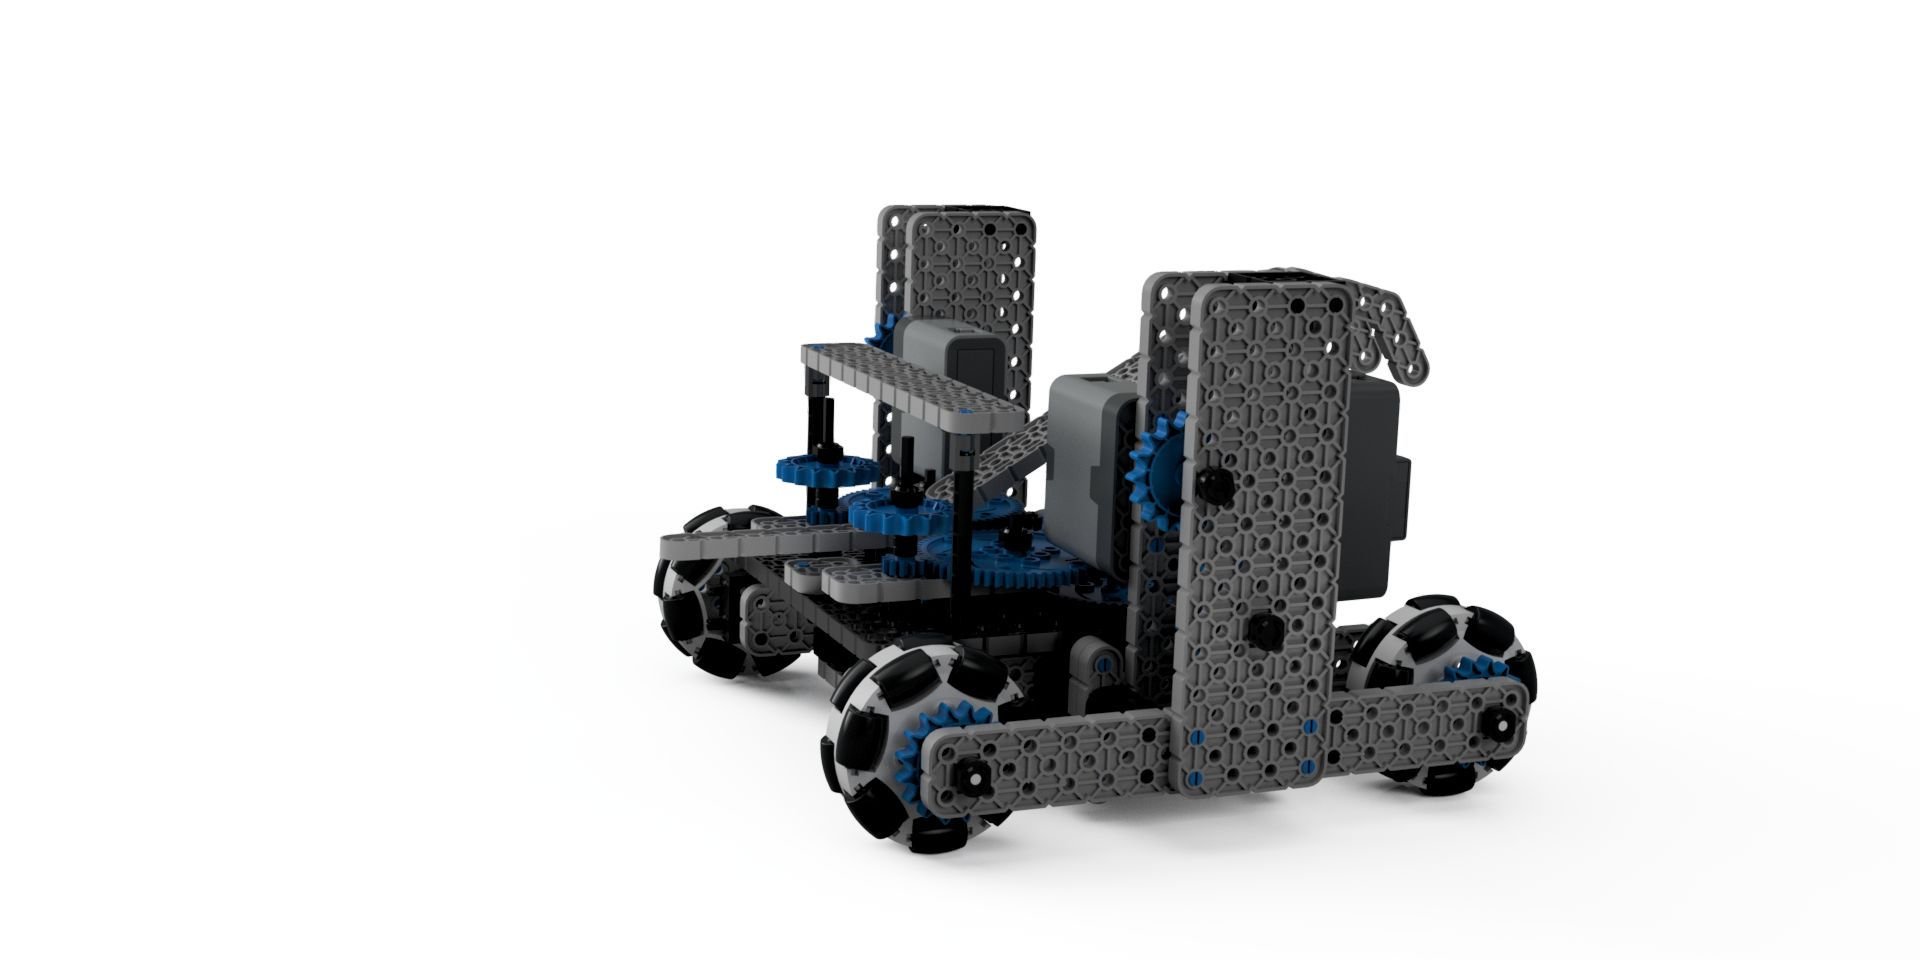 Vex-iq---ball-trigger-robot-v19ws-3500-3500